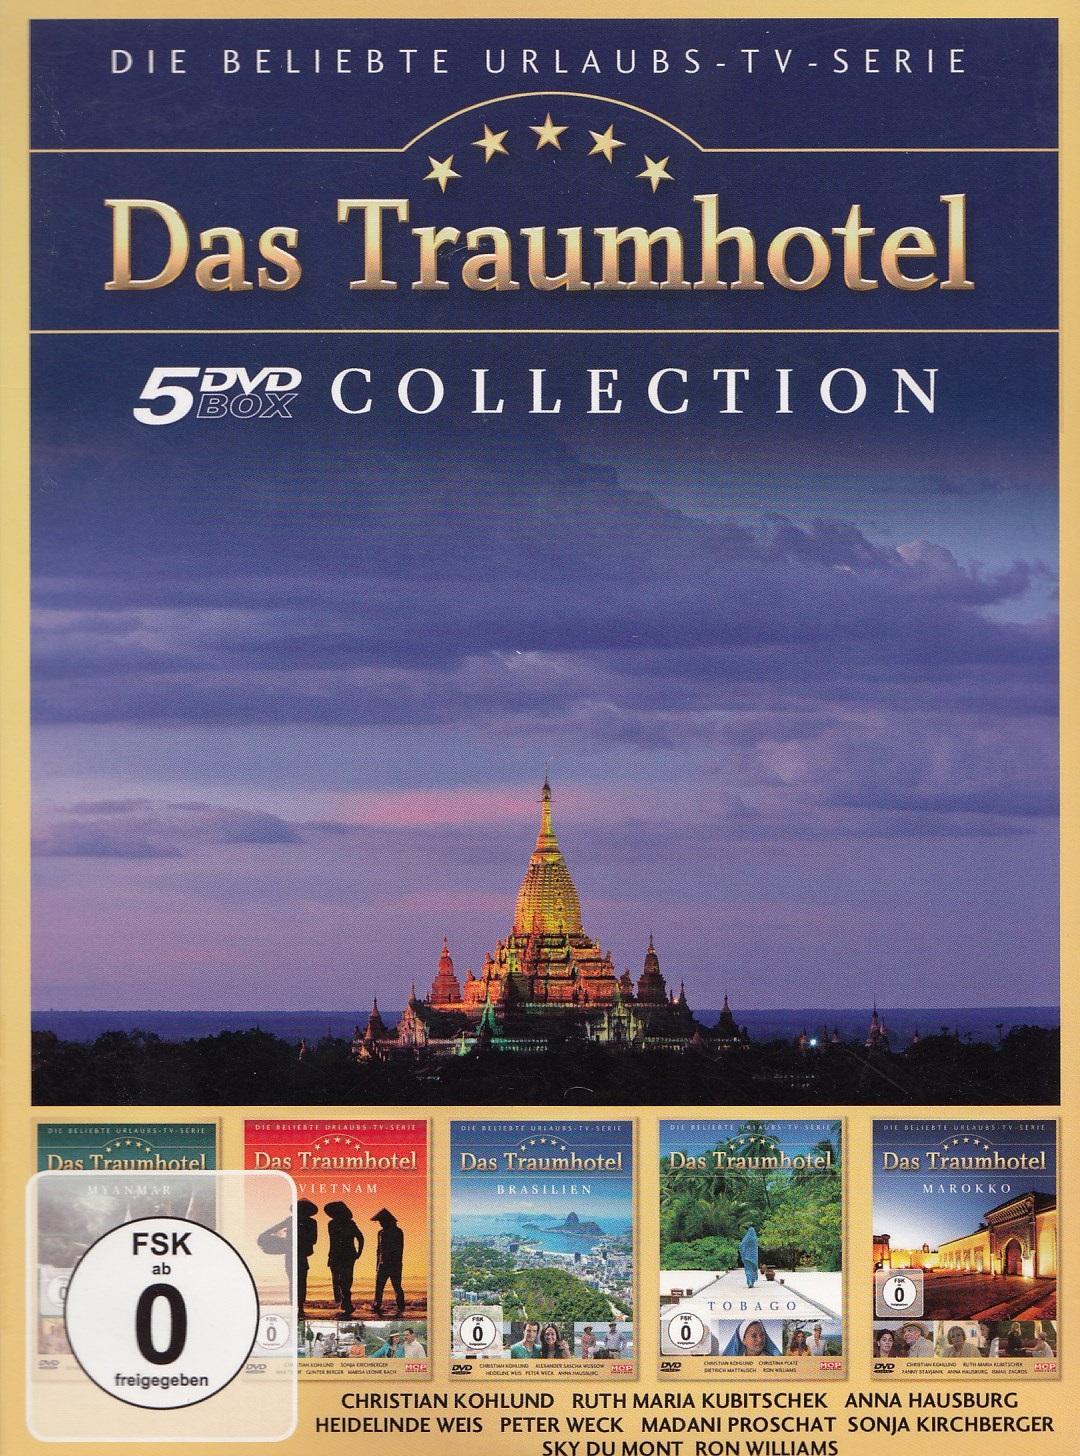 Das Traumhotel: Vol. 4 - Die beliebte Urlaubs-TV-Serie [5 DVDs]